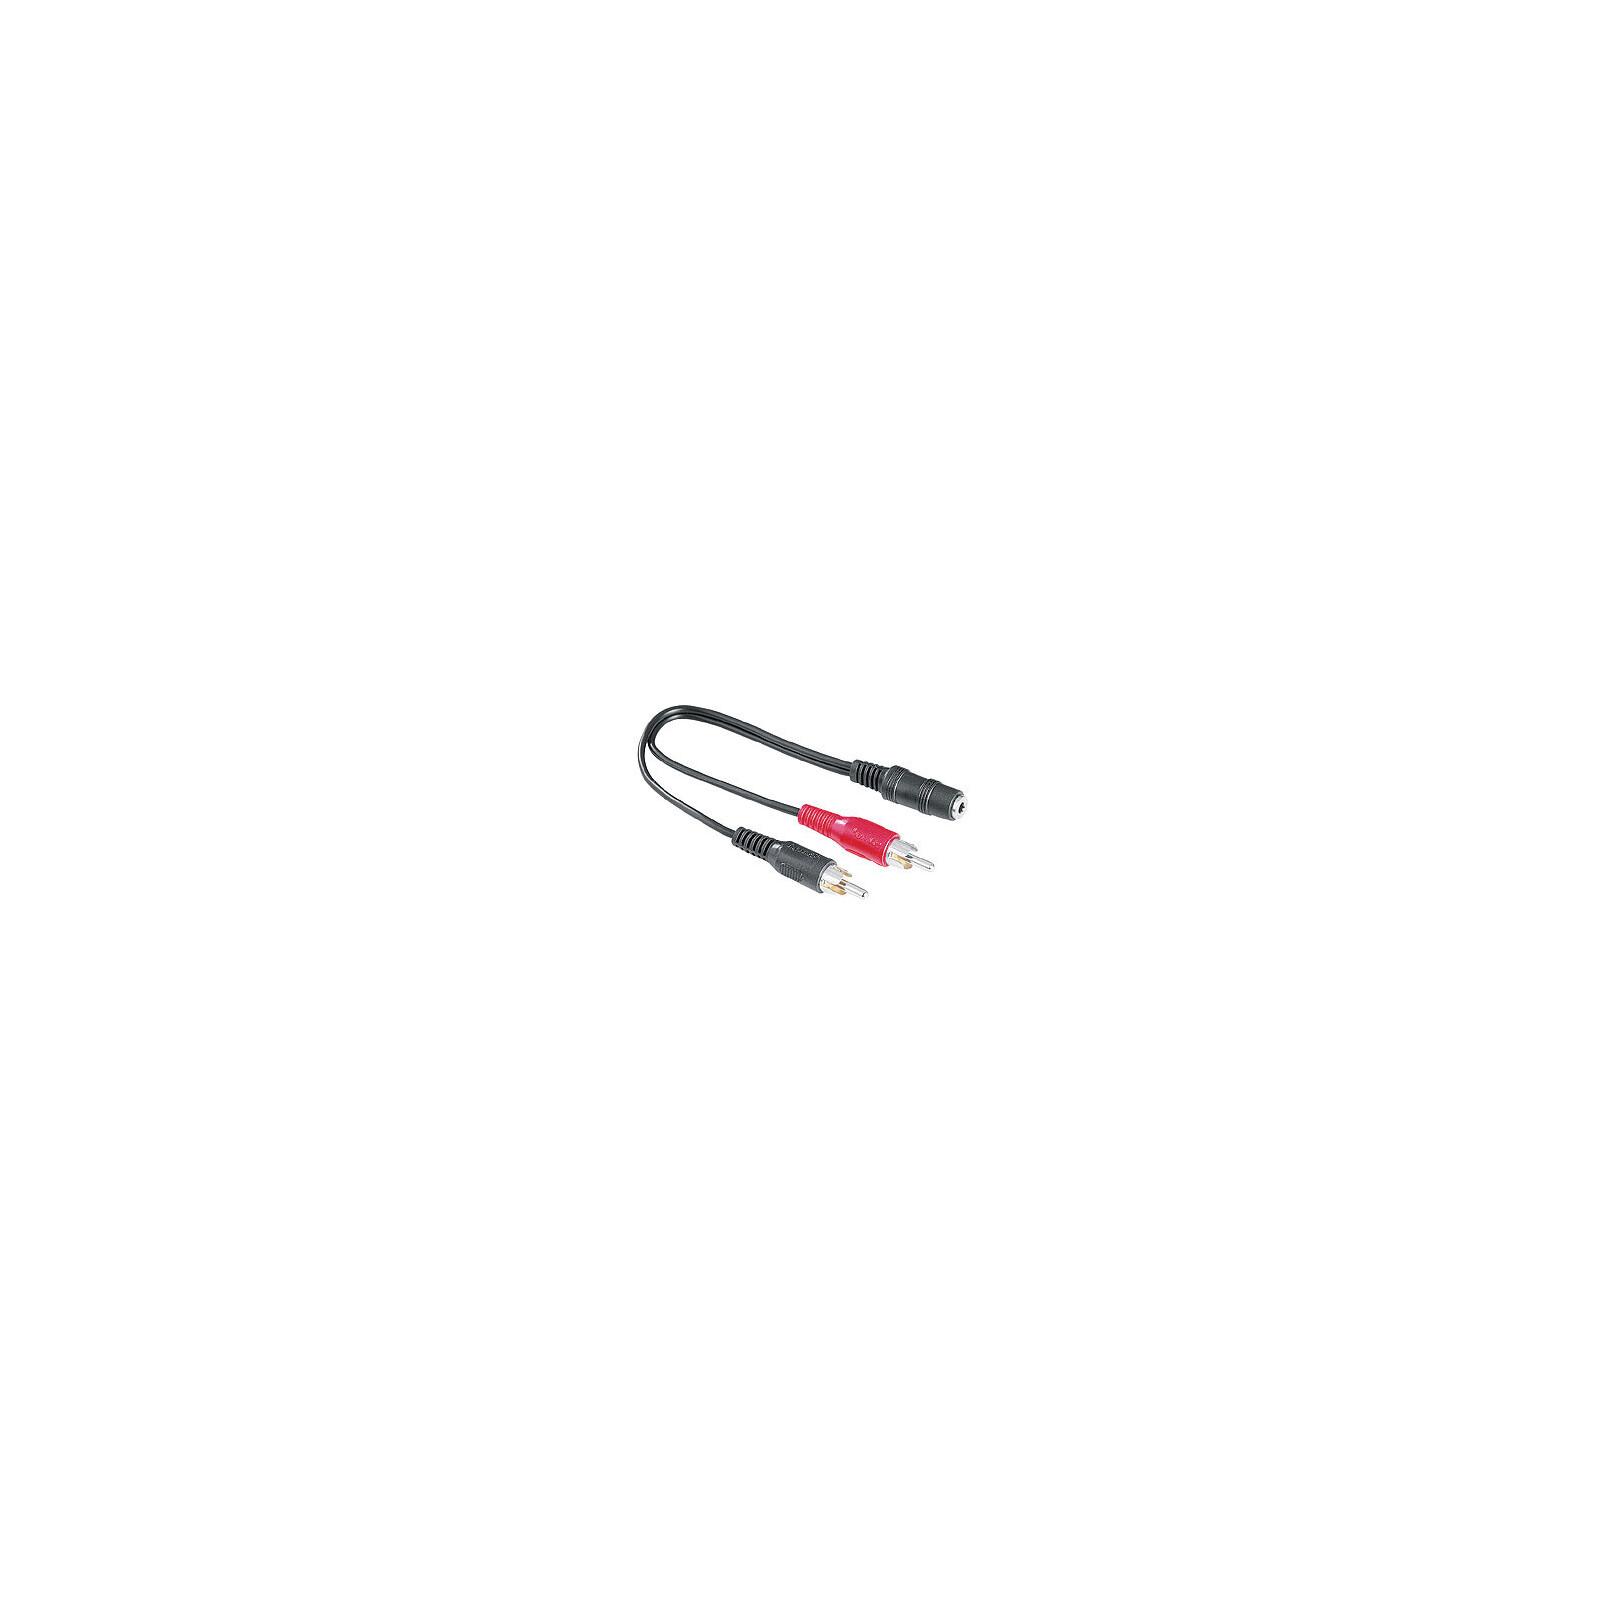 Hama 43254 Audio-Adapter 2 Cinch-Stecker - 3,5-mm-Klinken-Ku